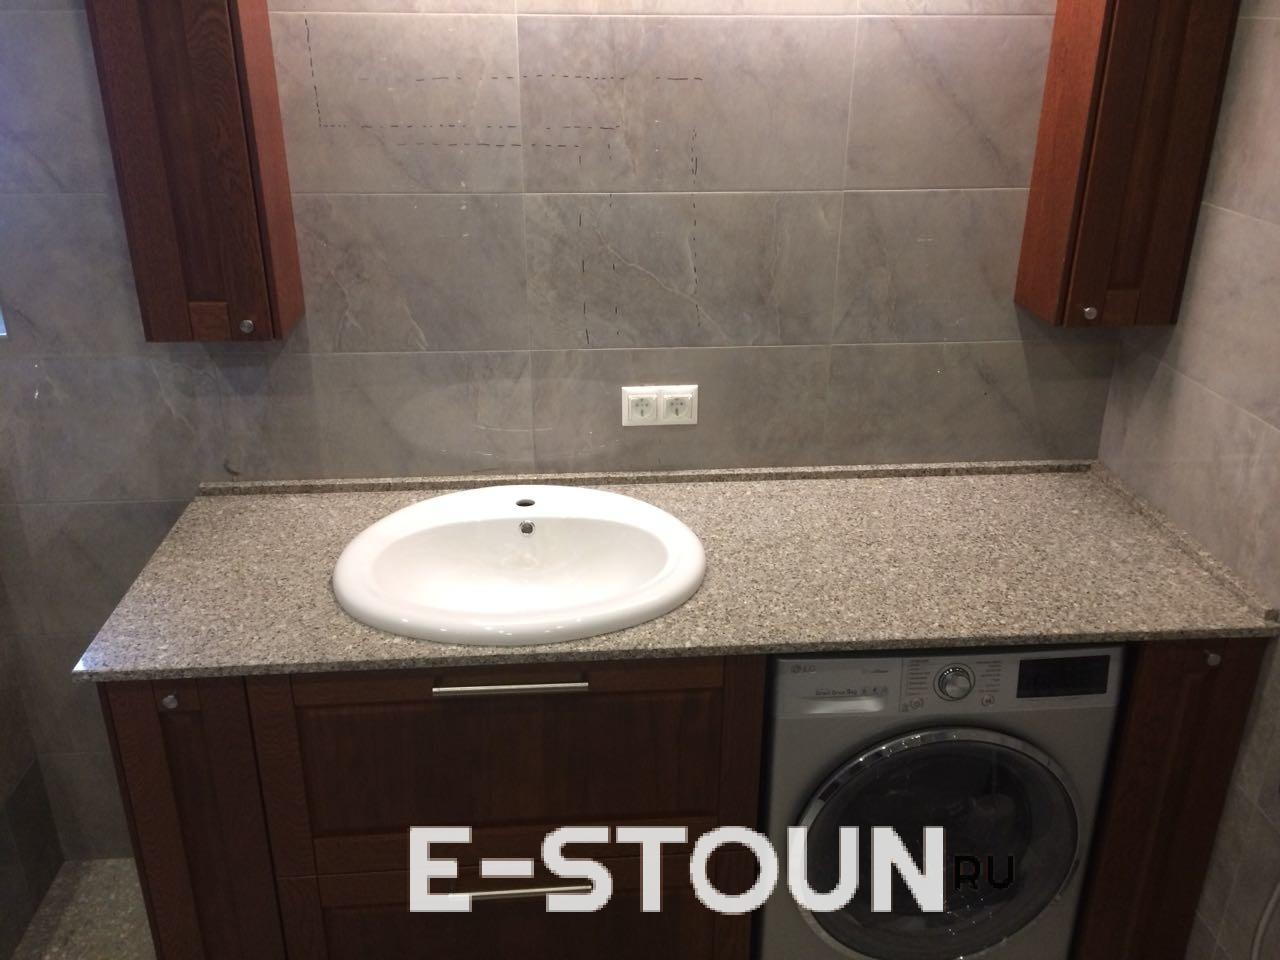 Столешница в ванную комнату из камня толщиной 20 мм. Материал кварц Samsung Radianz IG910